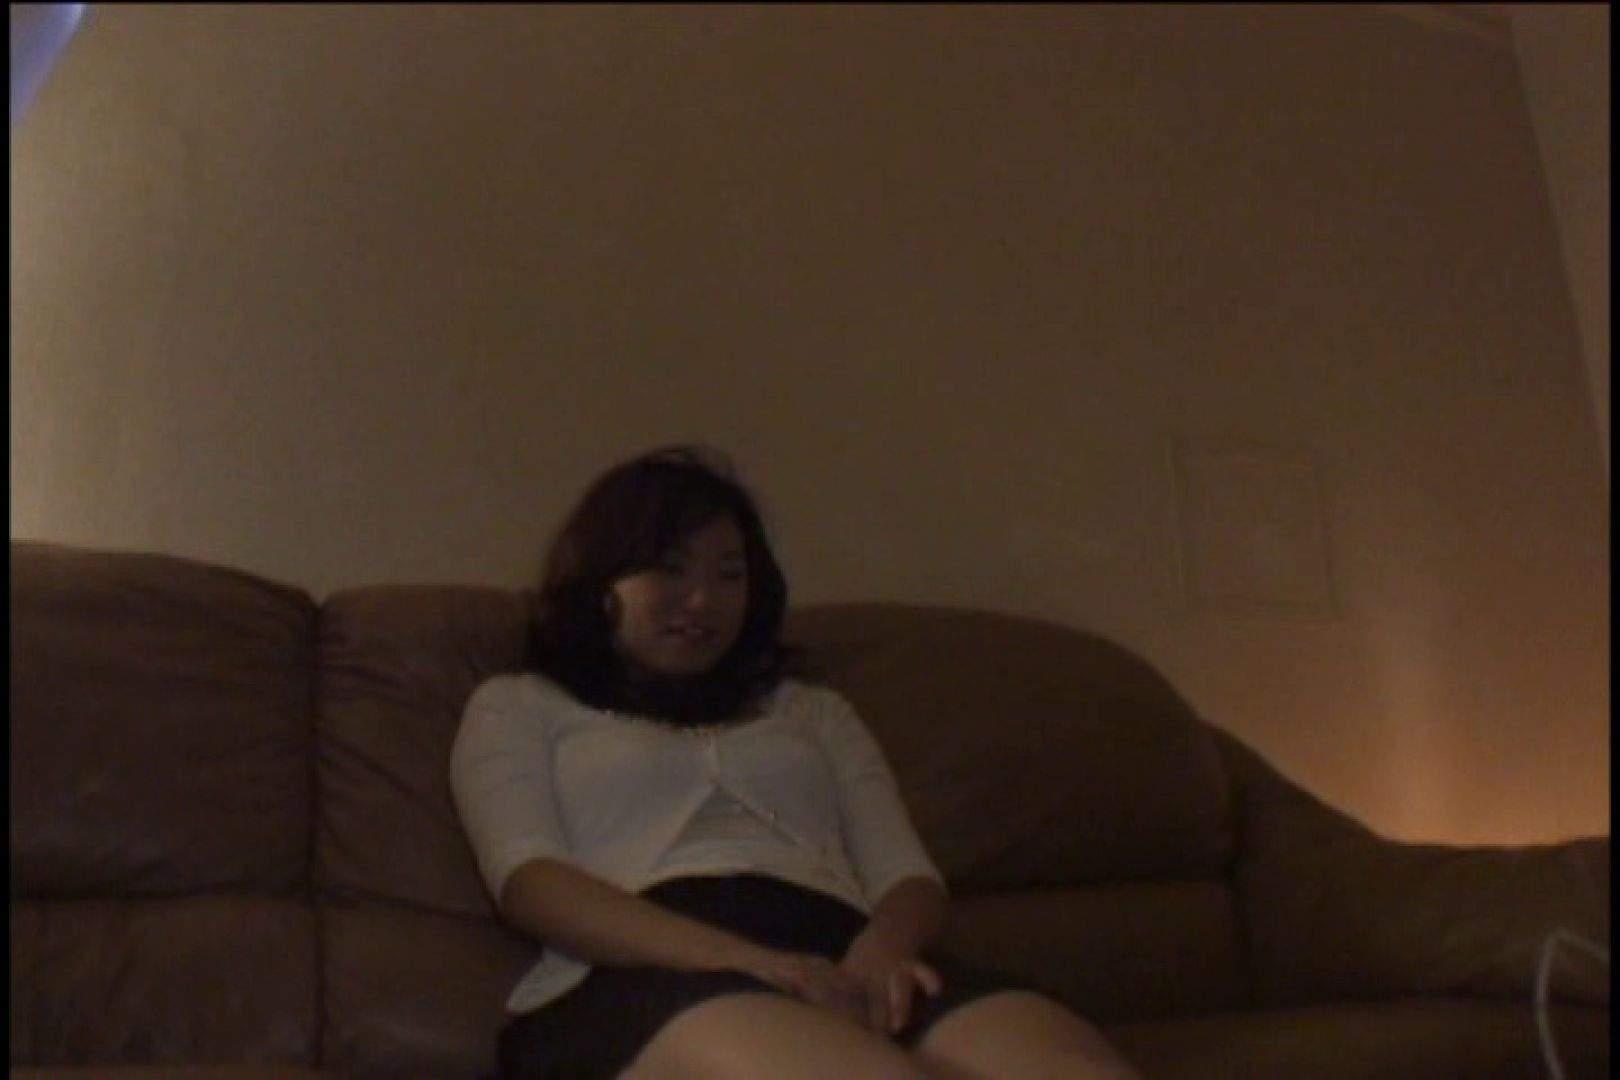 ナマナカトランス vol.19 美女OL  45連発 20